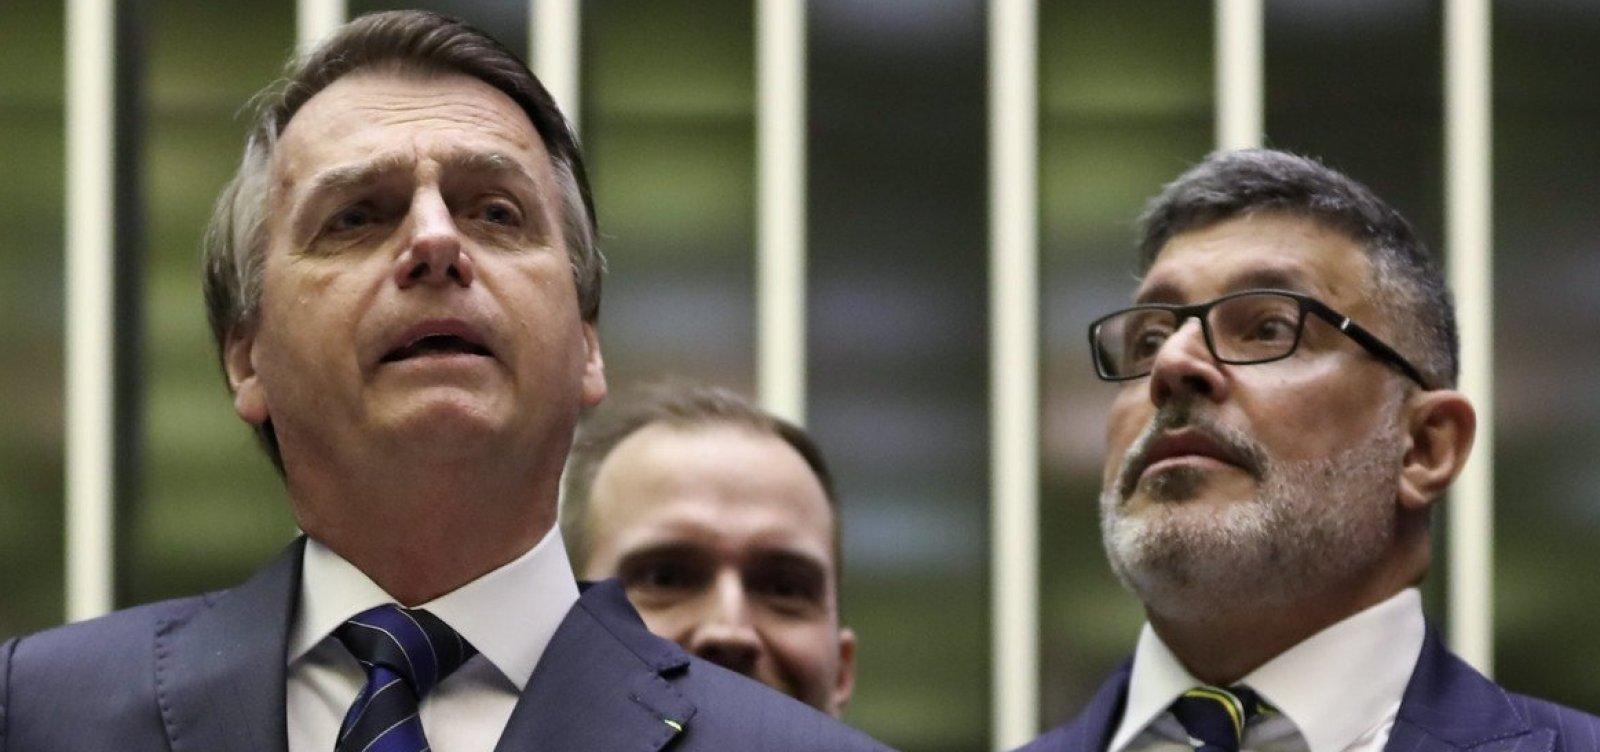 Alexandre Frota divulga novo áudio de conversa com Bolsonaro; ouça